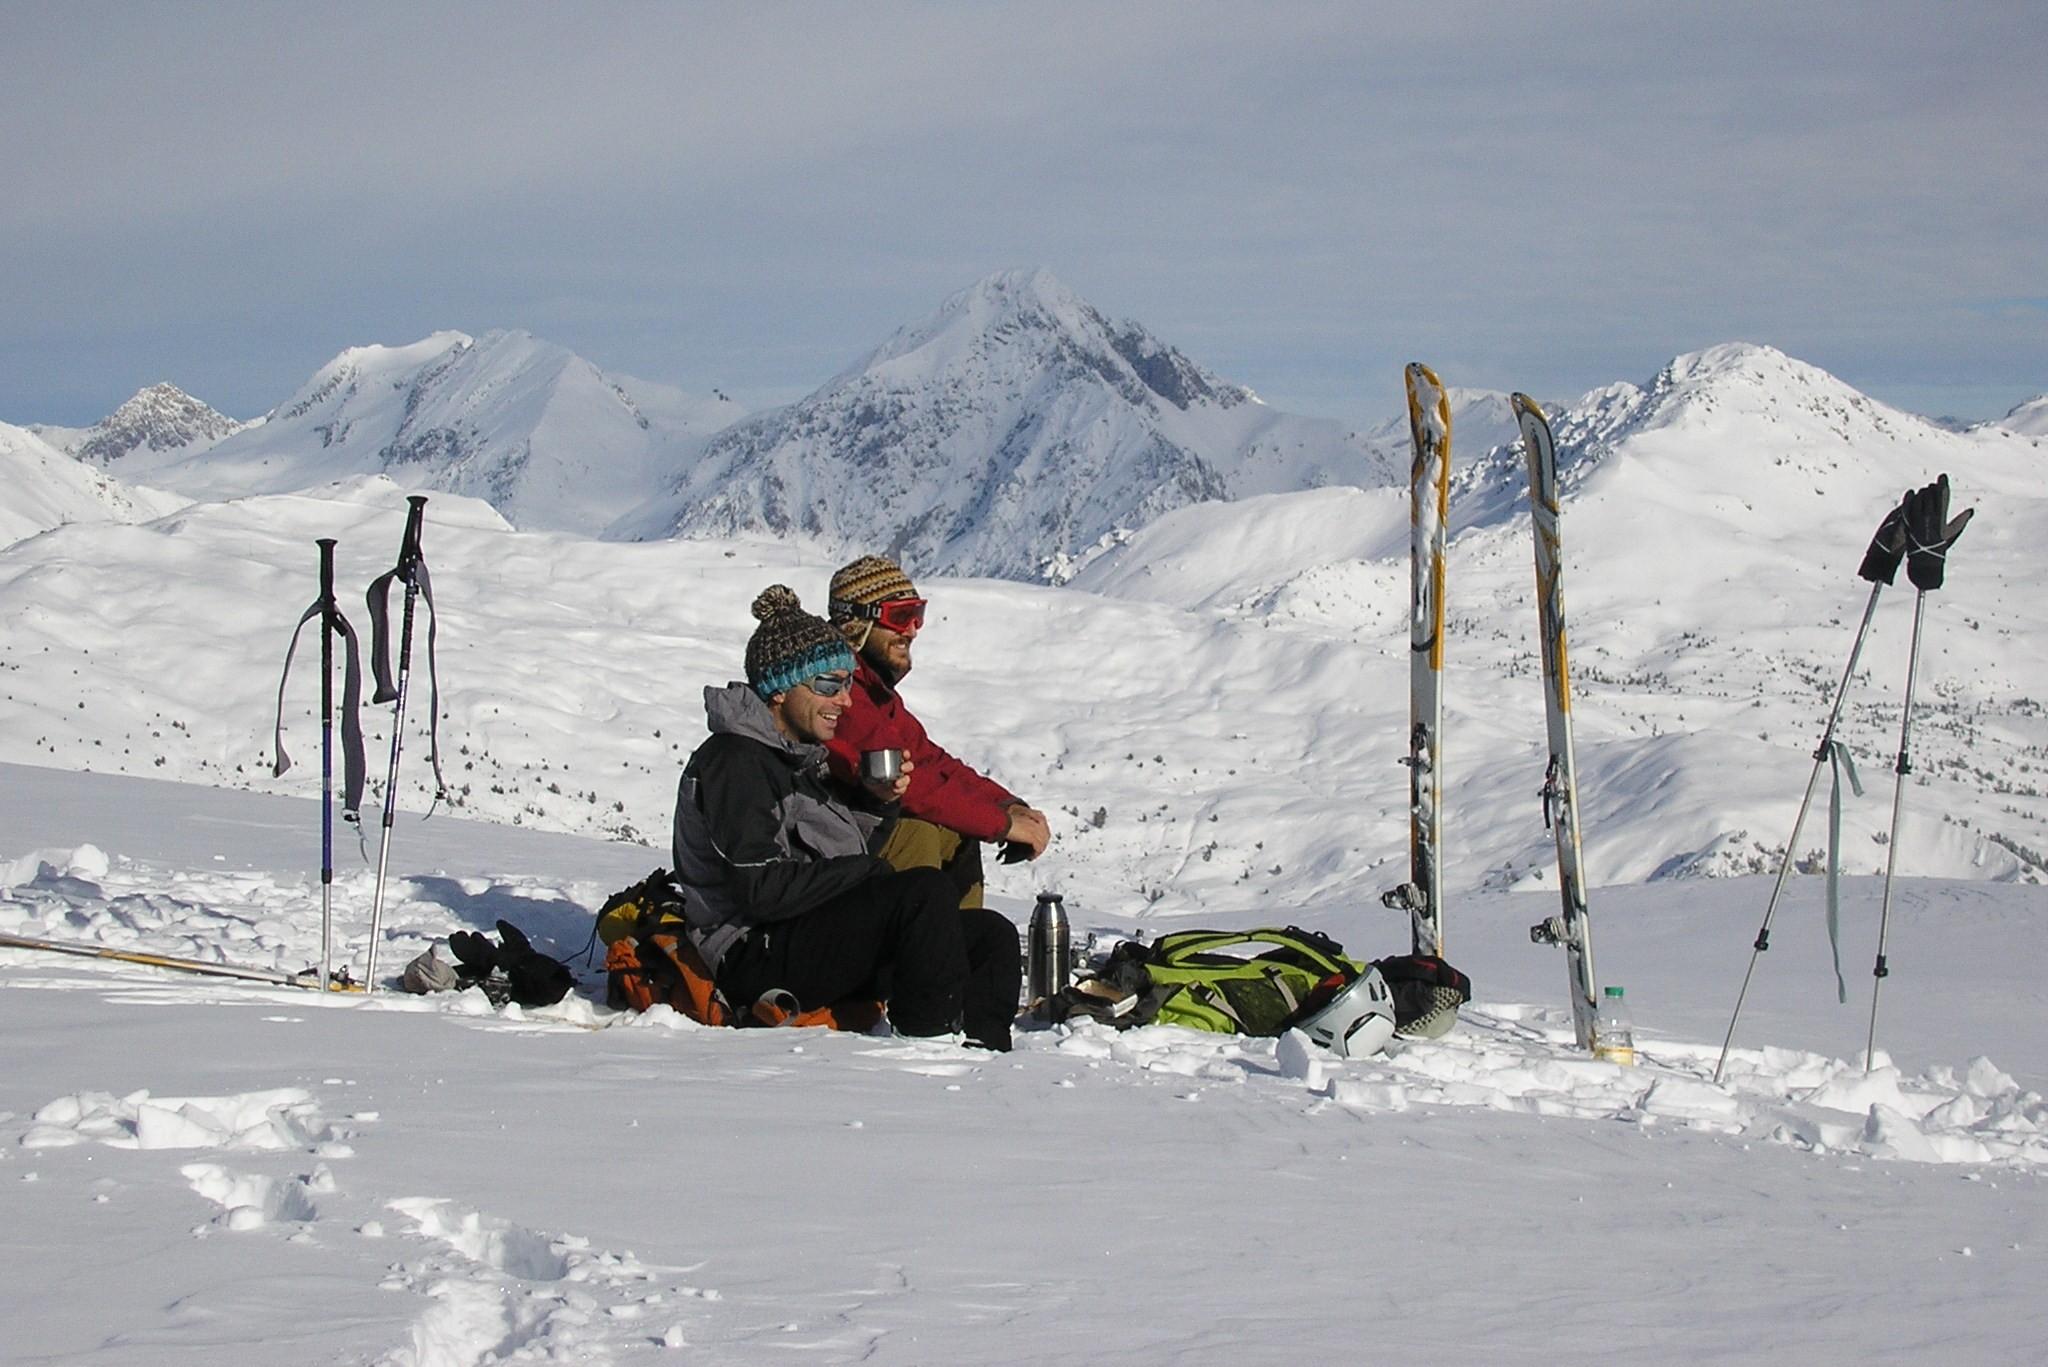 Un guide de montagne et son client contemple la vue durant une journée de ski de randonnée dans le Massif du Queyras dans les Hautes Alpes.